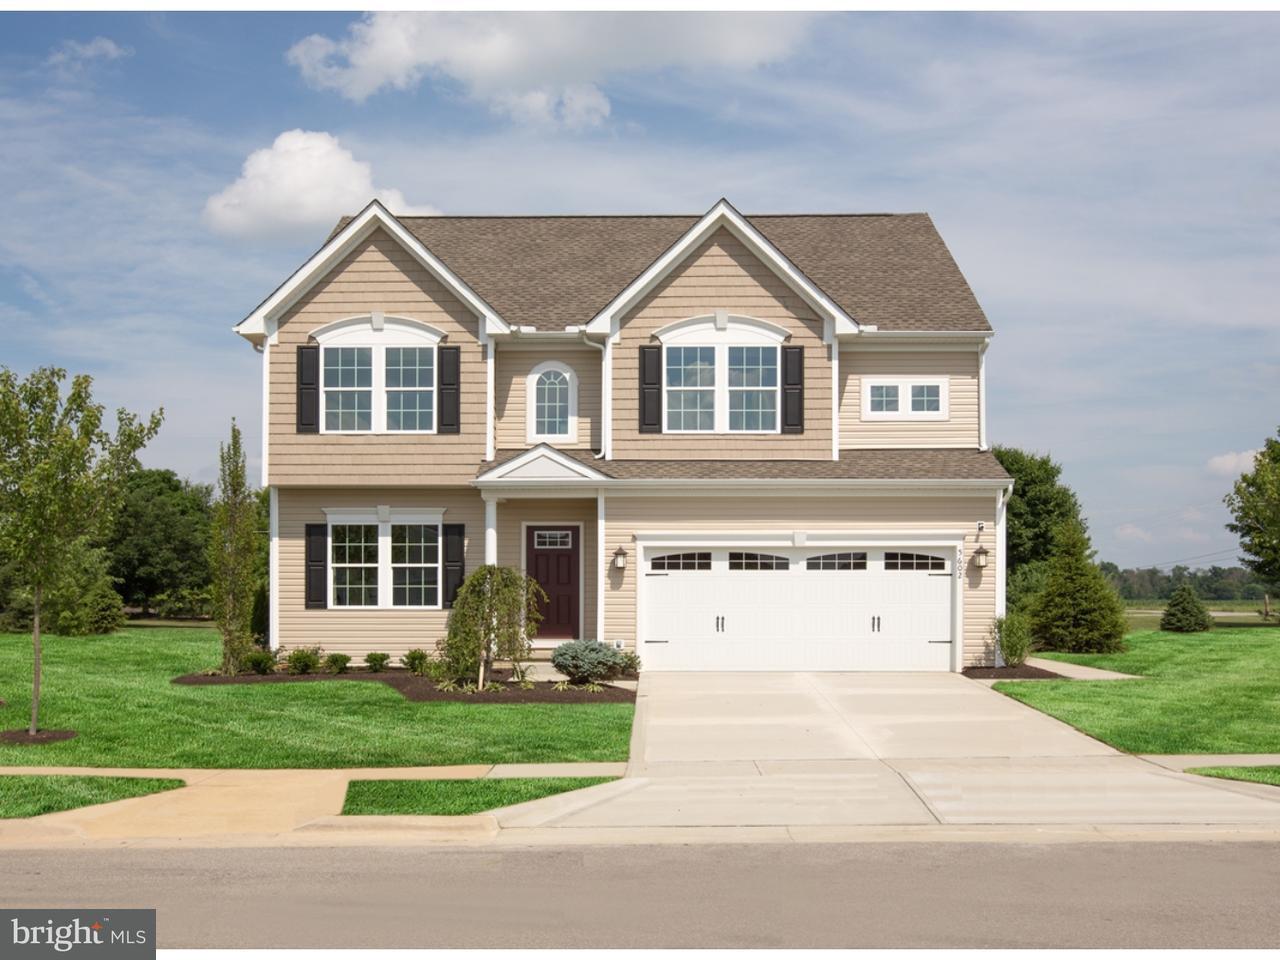 Maison unifamiliale pour l Vente à 200 PEAR TREE Court Delran, New Jersey 08075 États-Unis